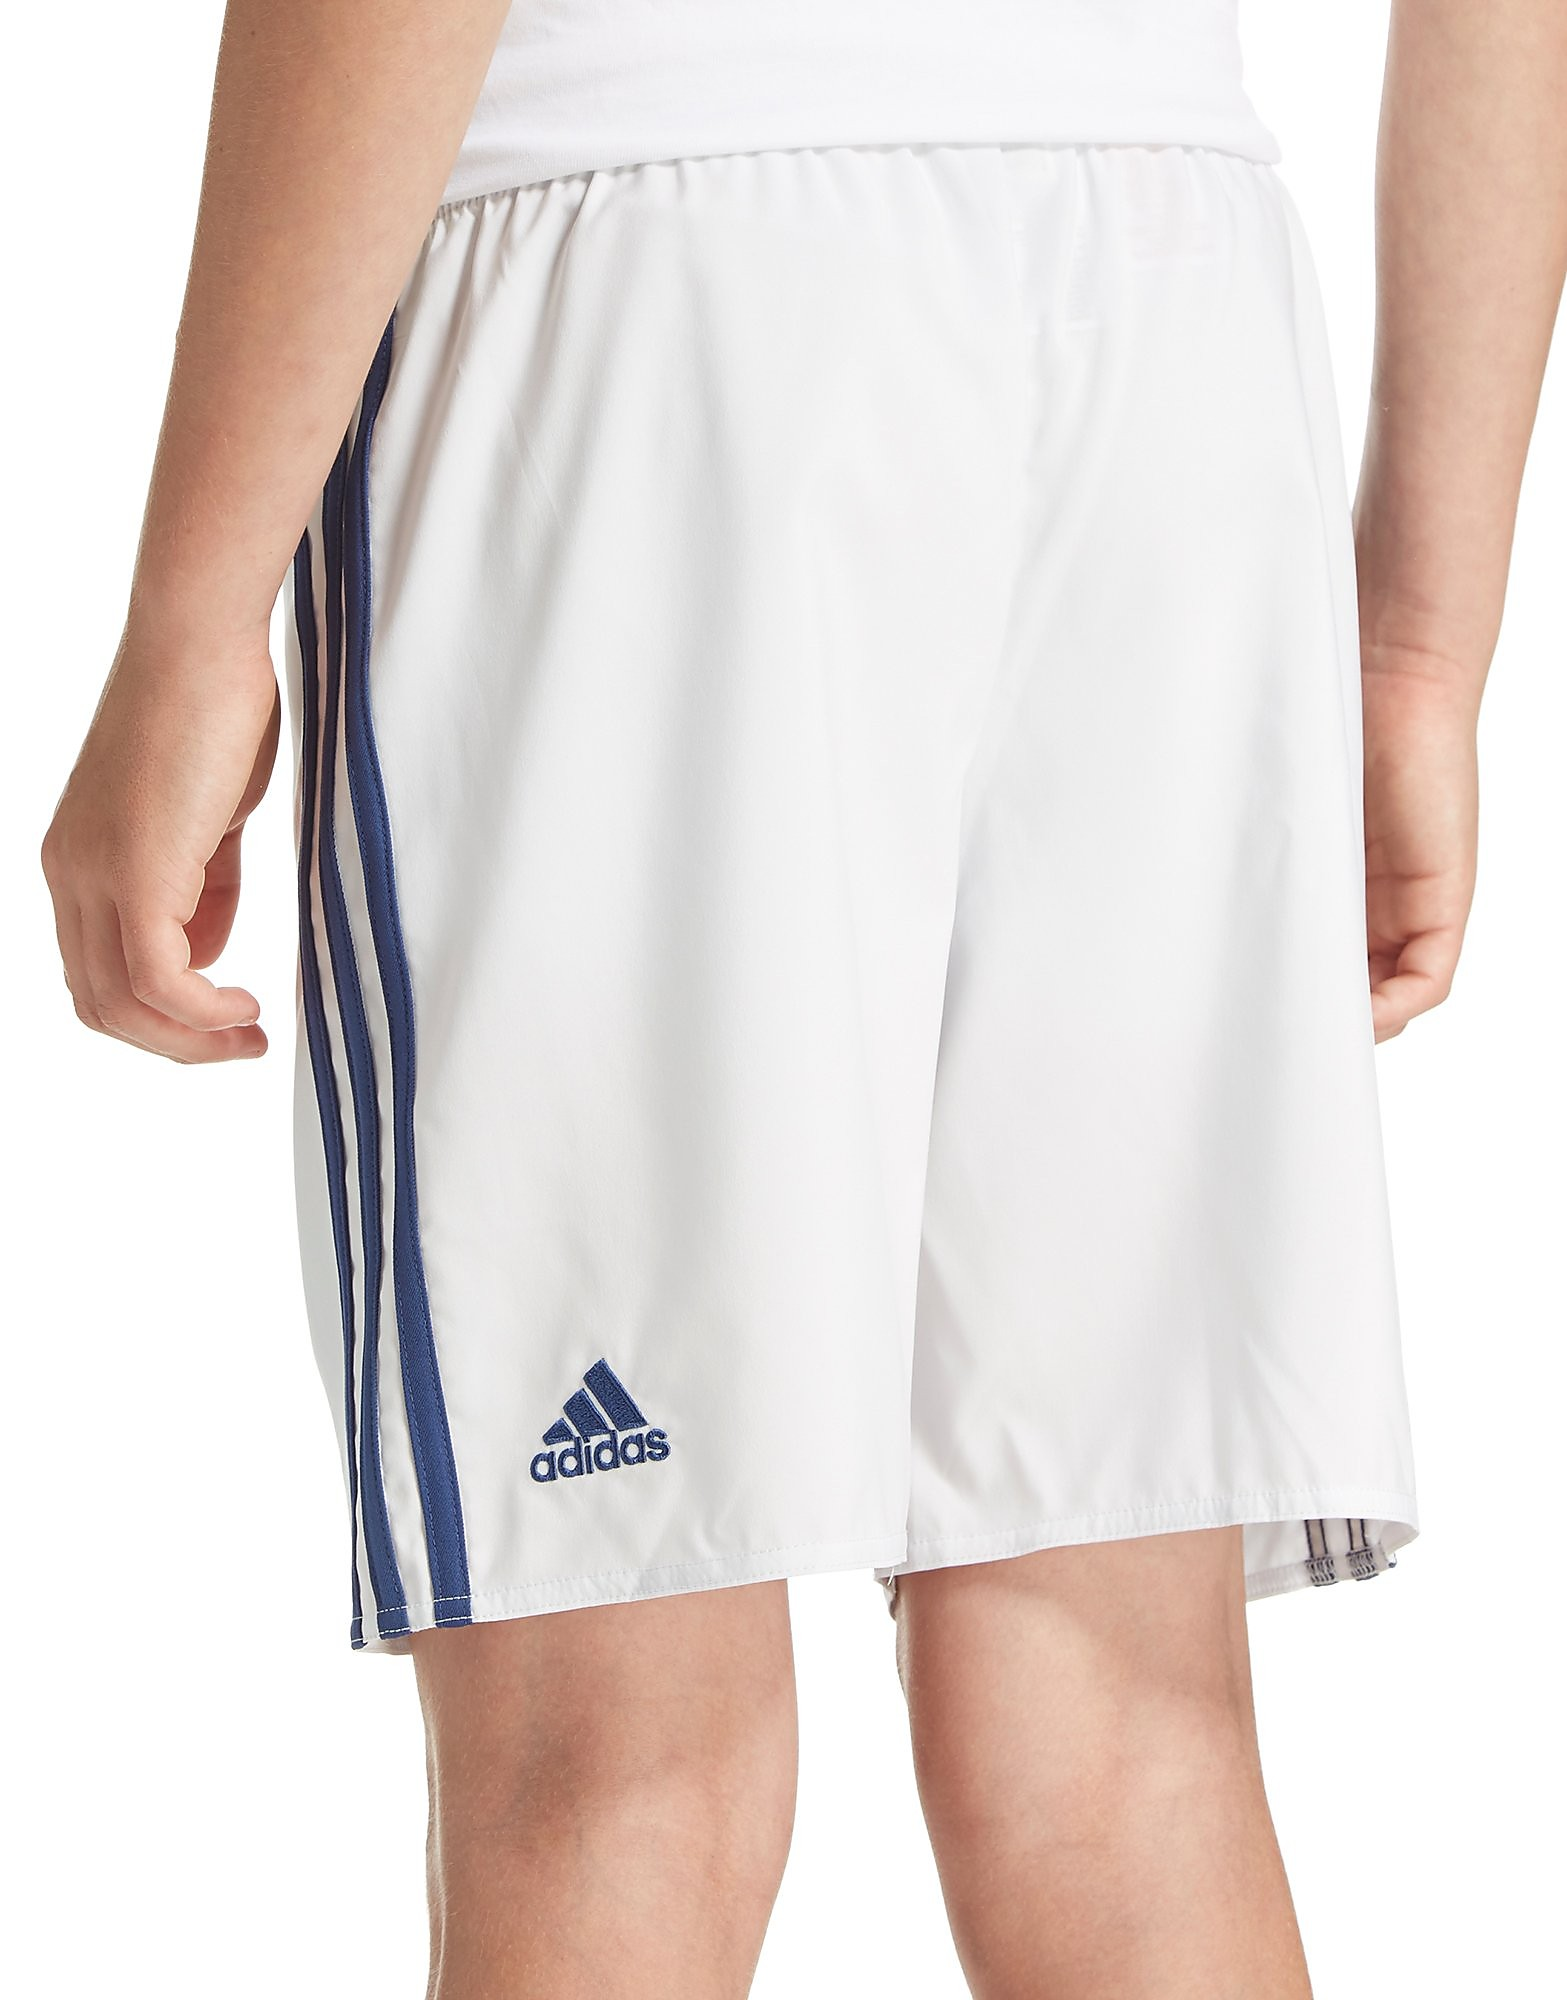 adidas Real Madrid 2016/17 Home Shorts Junior